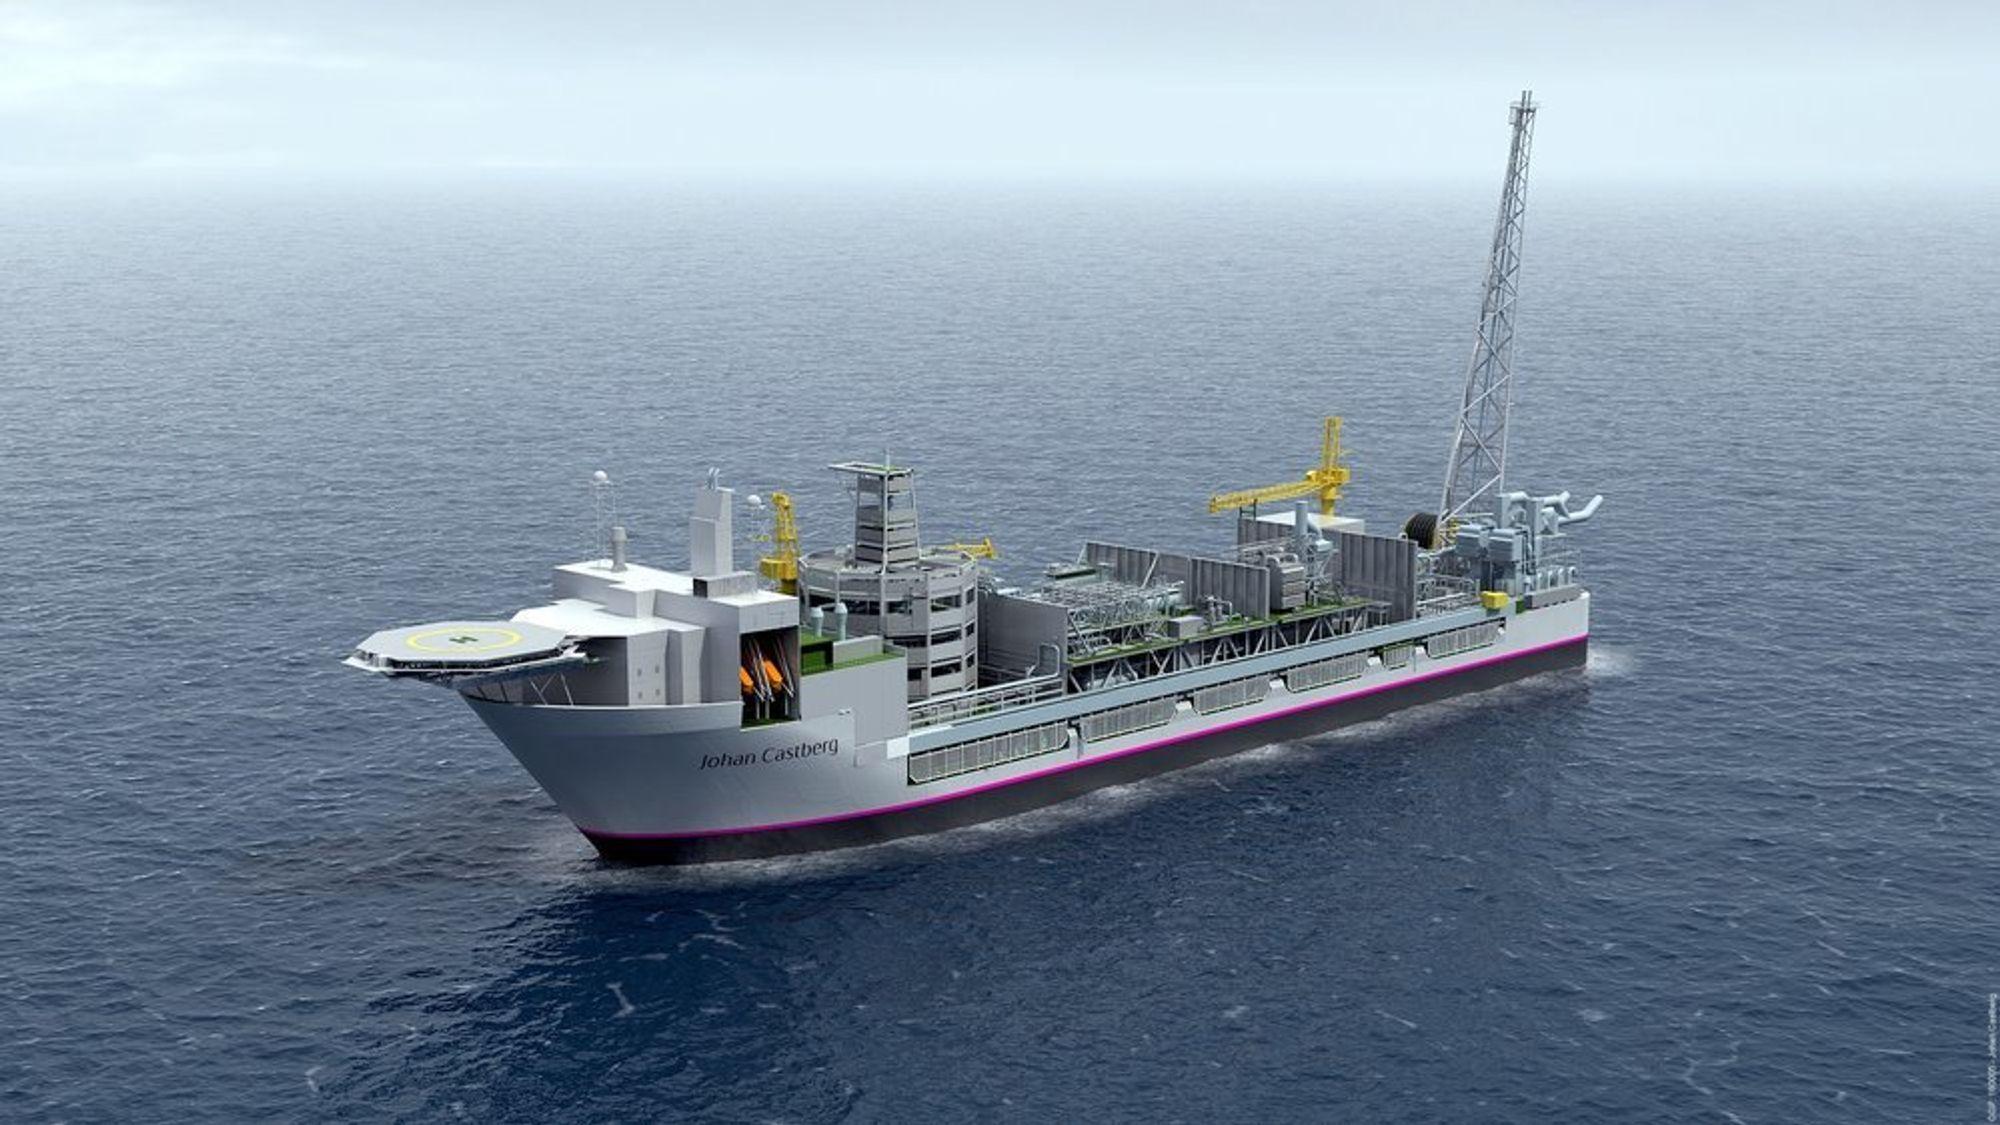 Kværner har fått i oppdrag fra Statoil å levere modulene til plattformdekket til det flytende produksjonsskipet. Kontrakten har en verdi på 3,8 milliarder kroner.